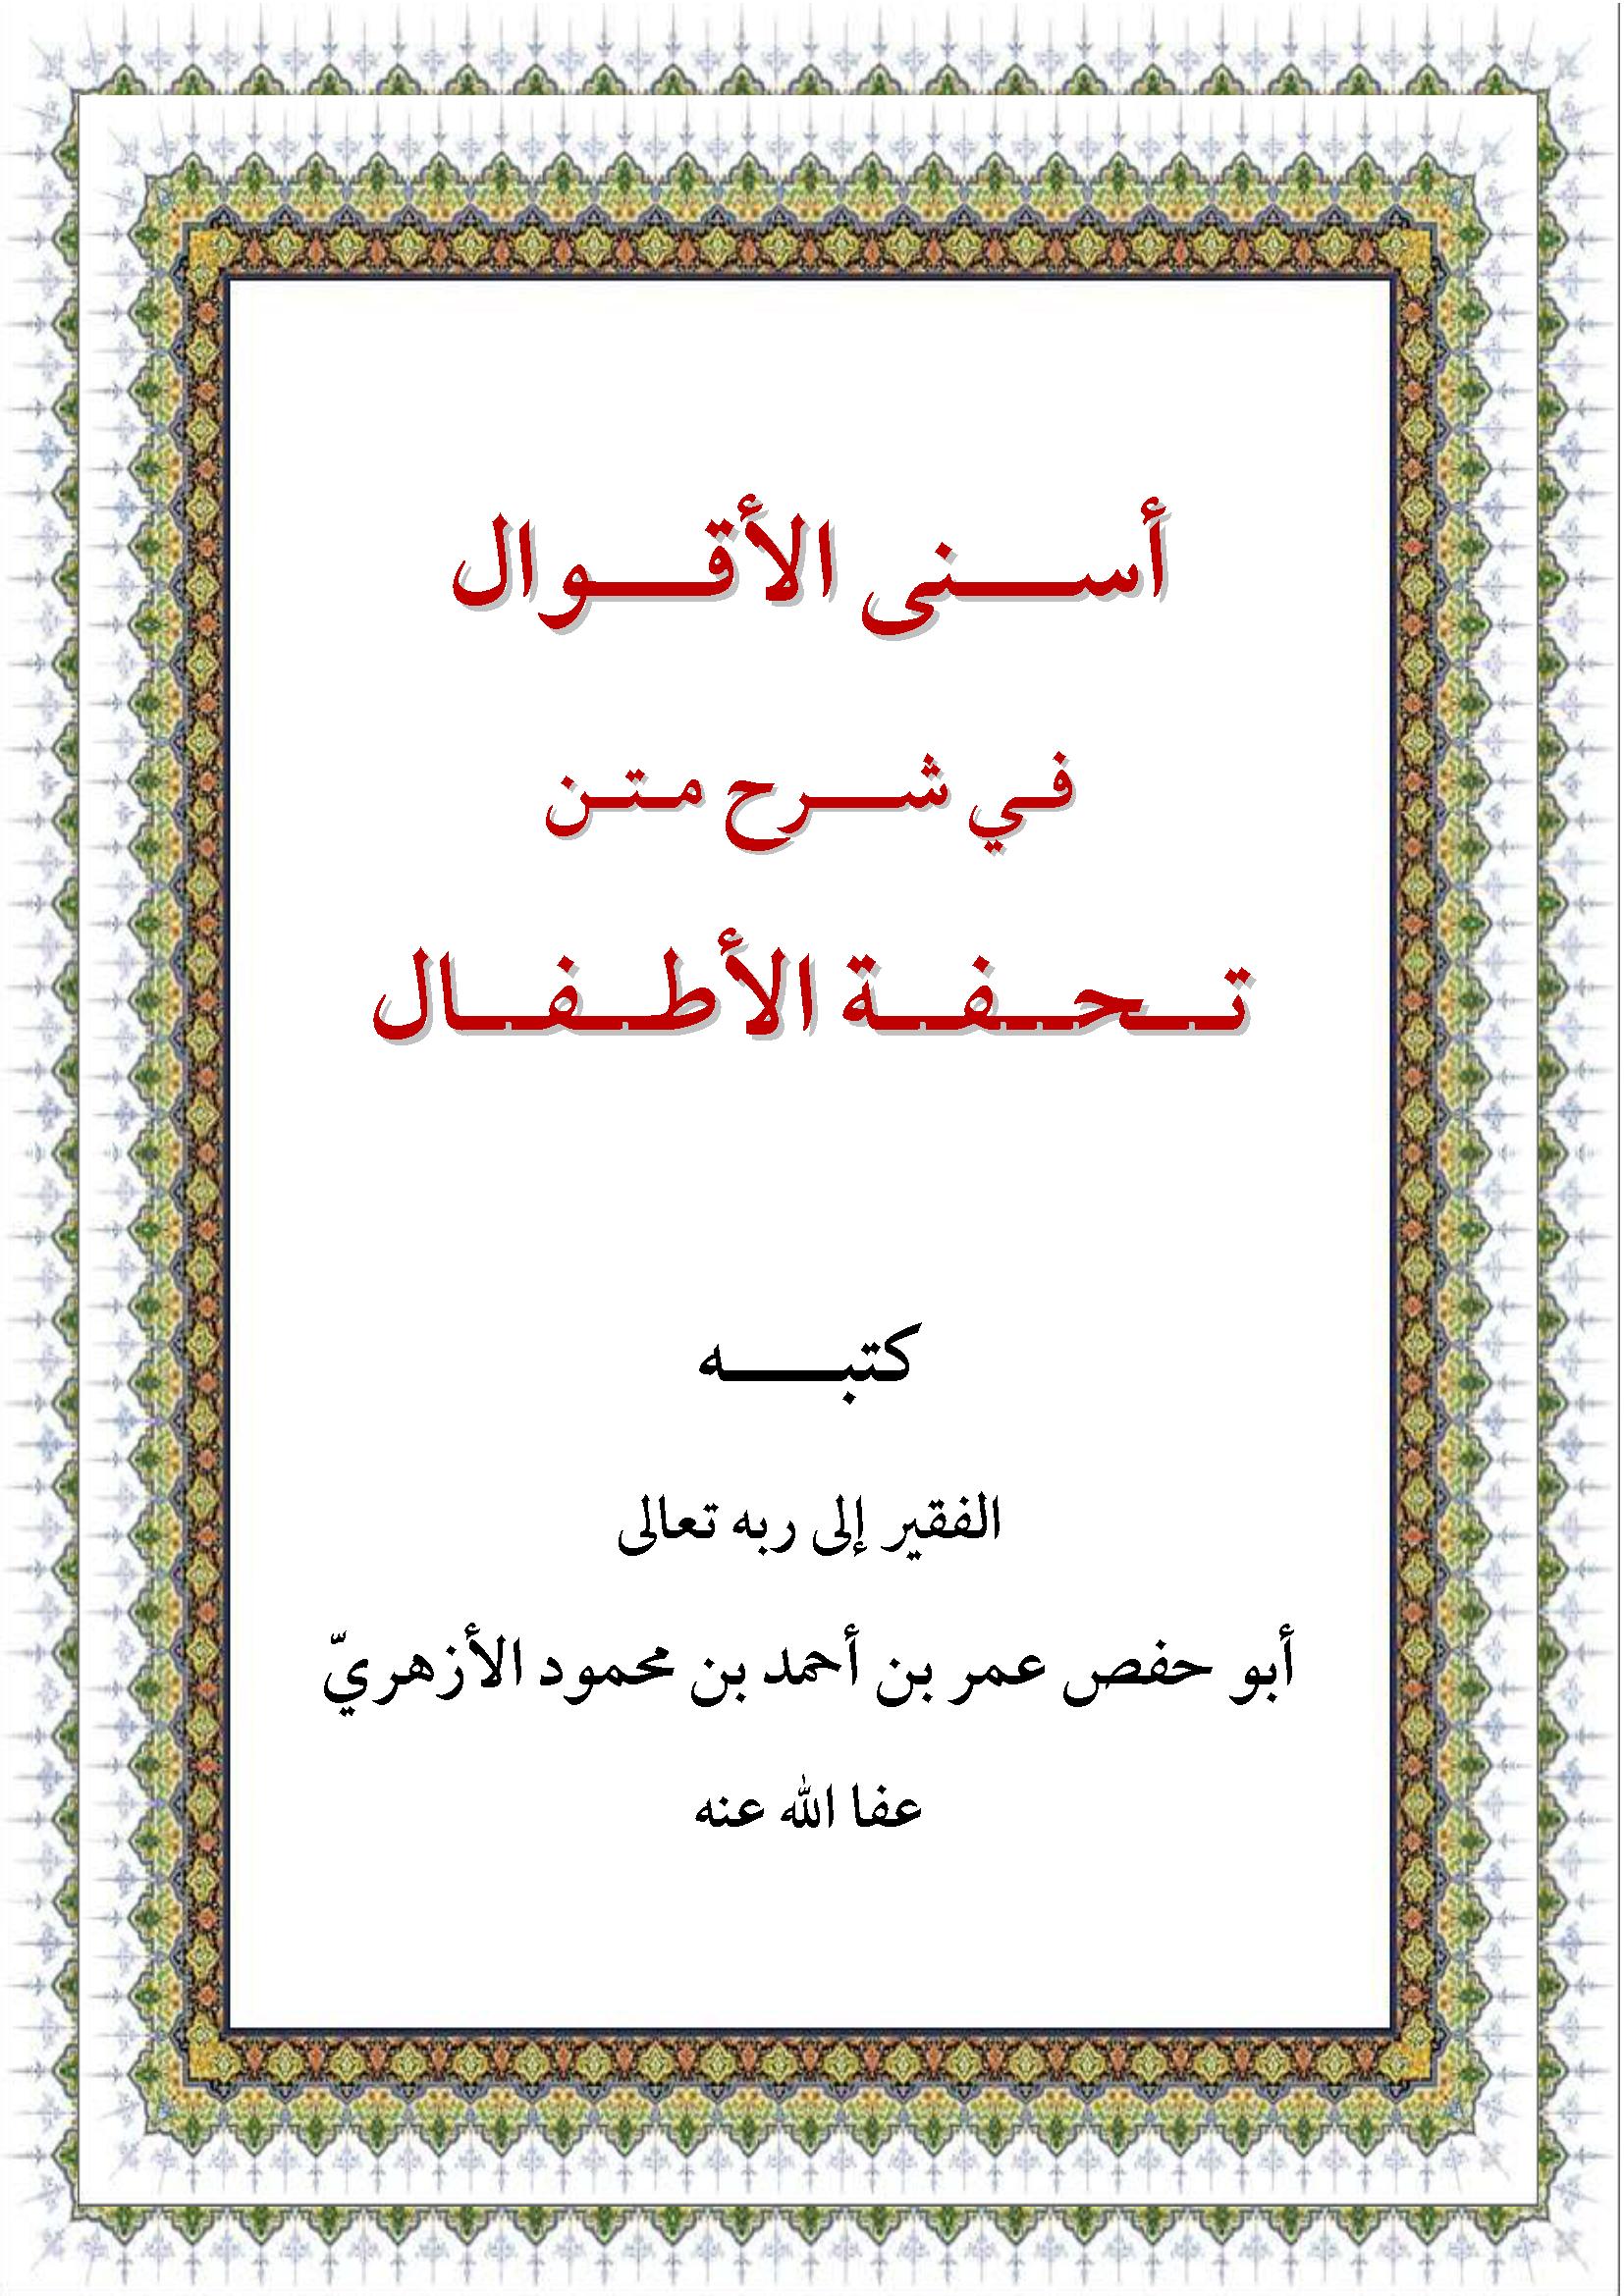 تحميل كتاب أسنى الأقوال في شرح متن تحفة الأفطال لـِ: الشيخ أبو حفص عمر بن أحمد بن محمود الأزهري